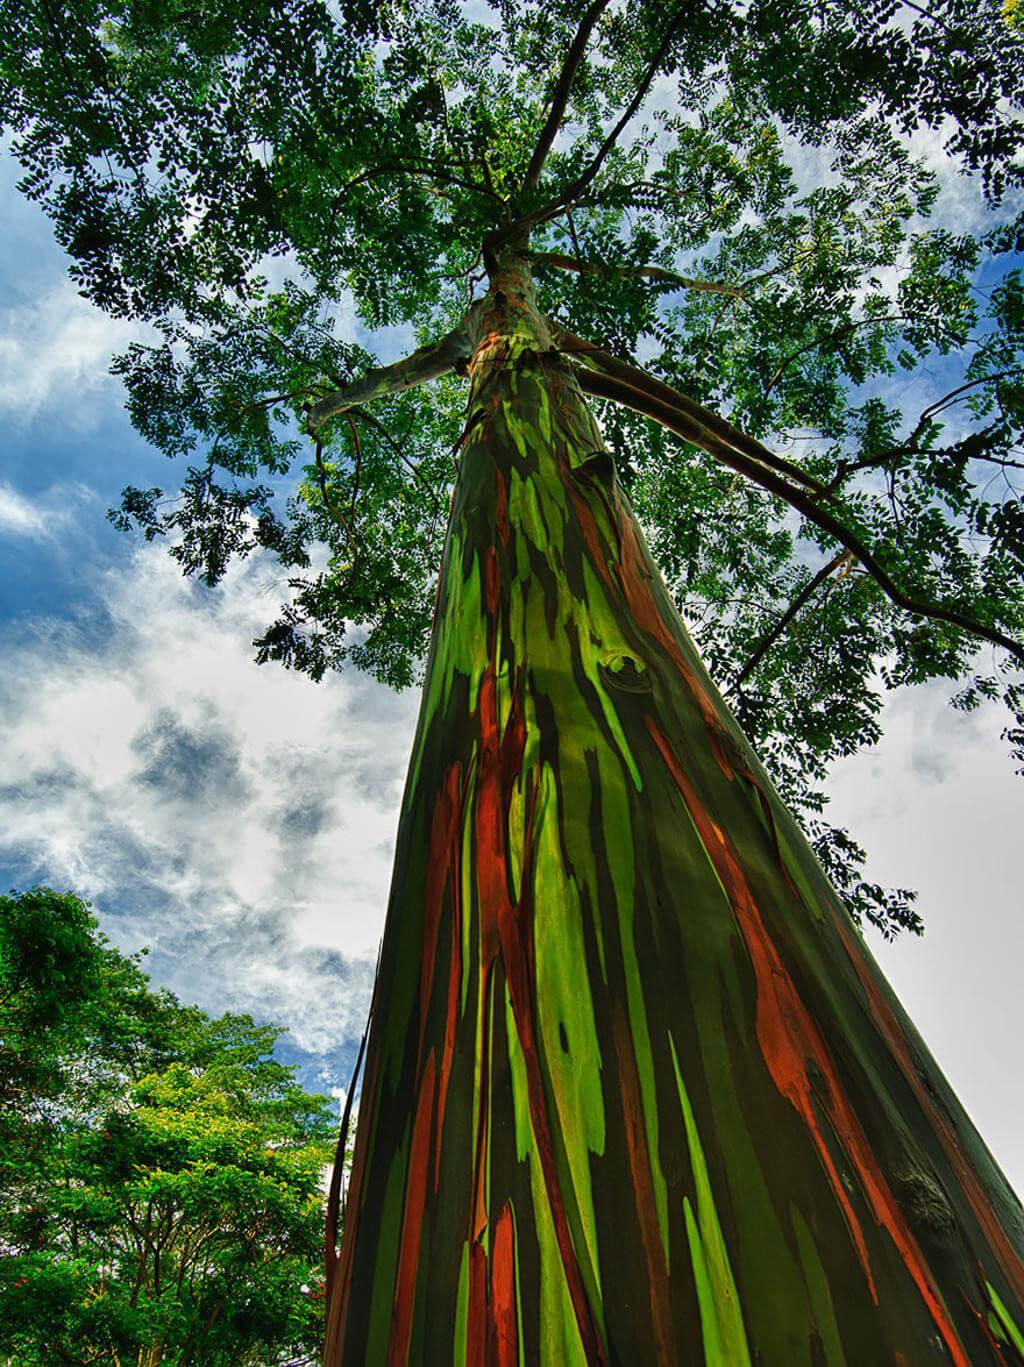 Cây bạch đàn cầu vồng trên hòn đảo Kauai, thuộc quần đảo Hawaii, Mỹ